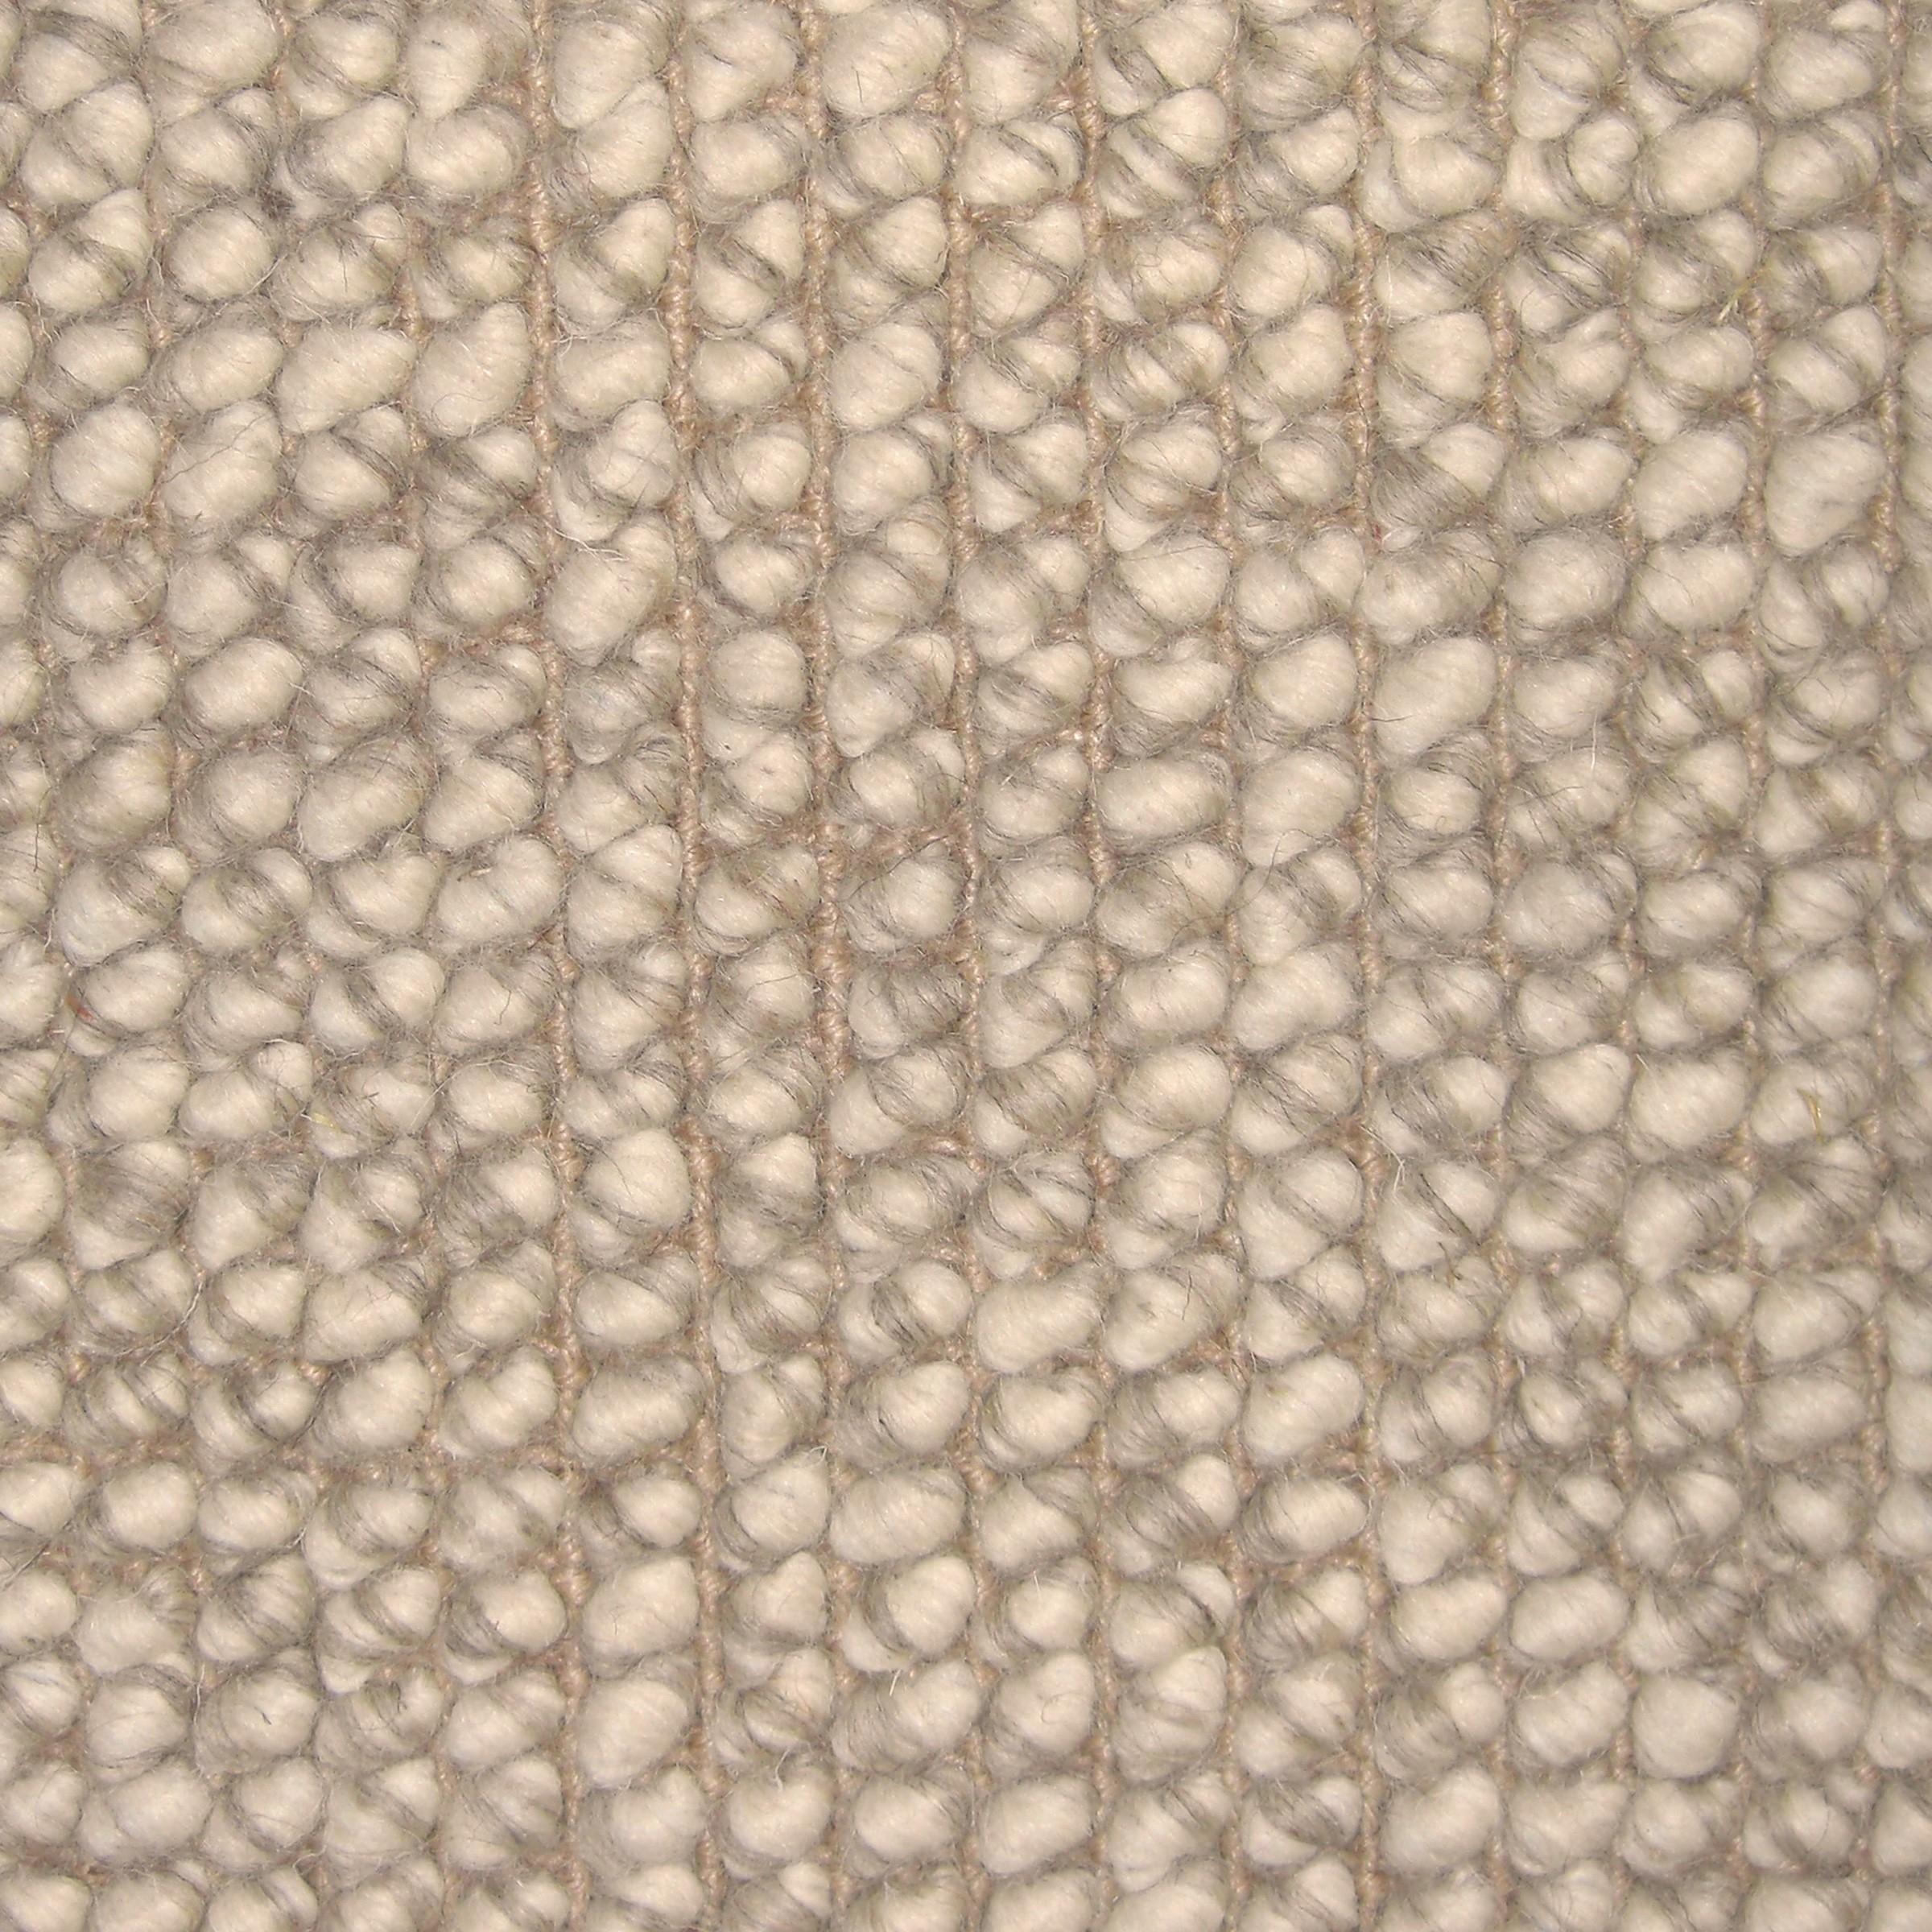 Wool Jute Area Rugs Roselawnlutheran In Wool Jute Area Rugs (#12 of 15)